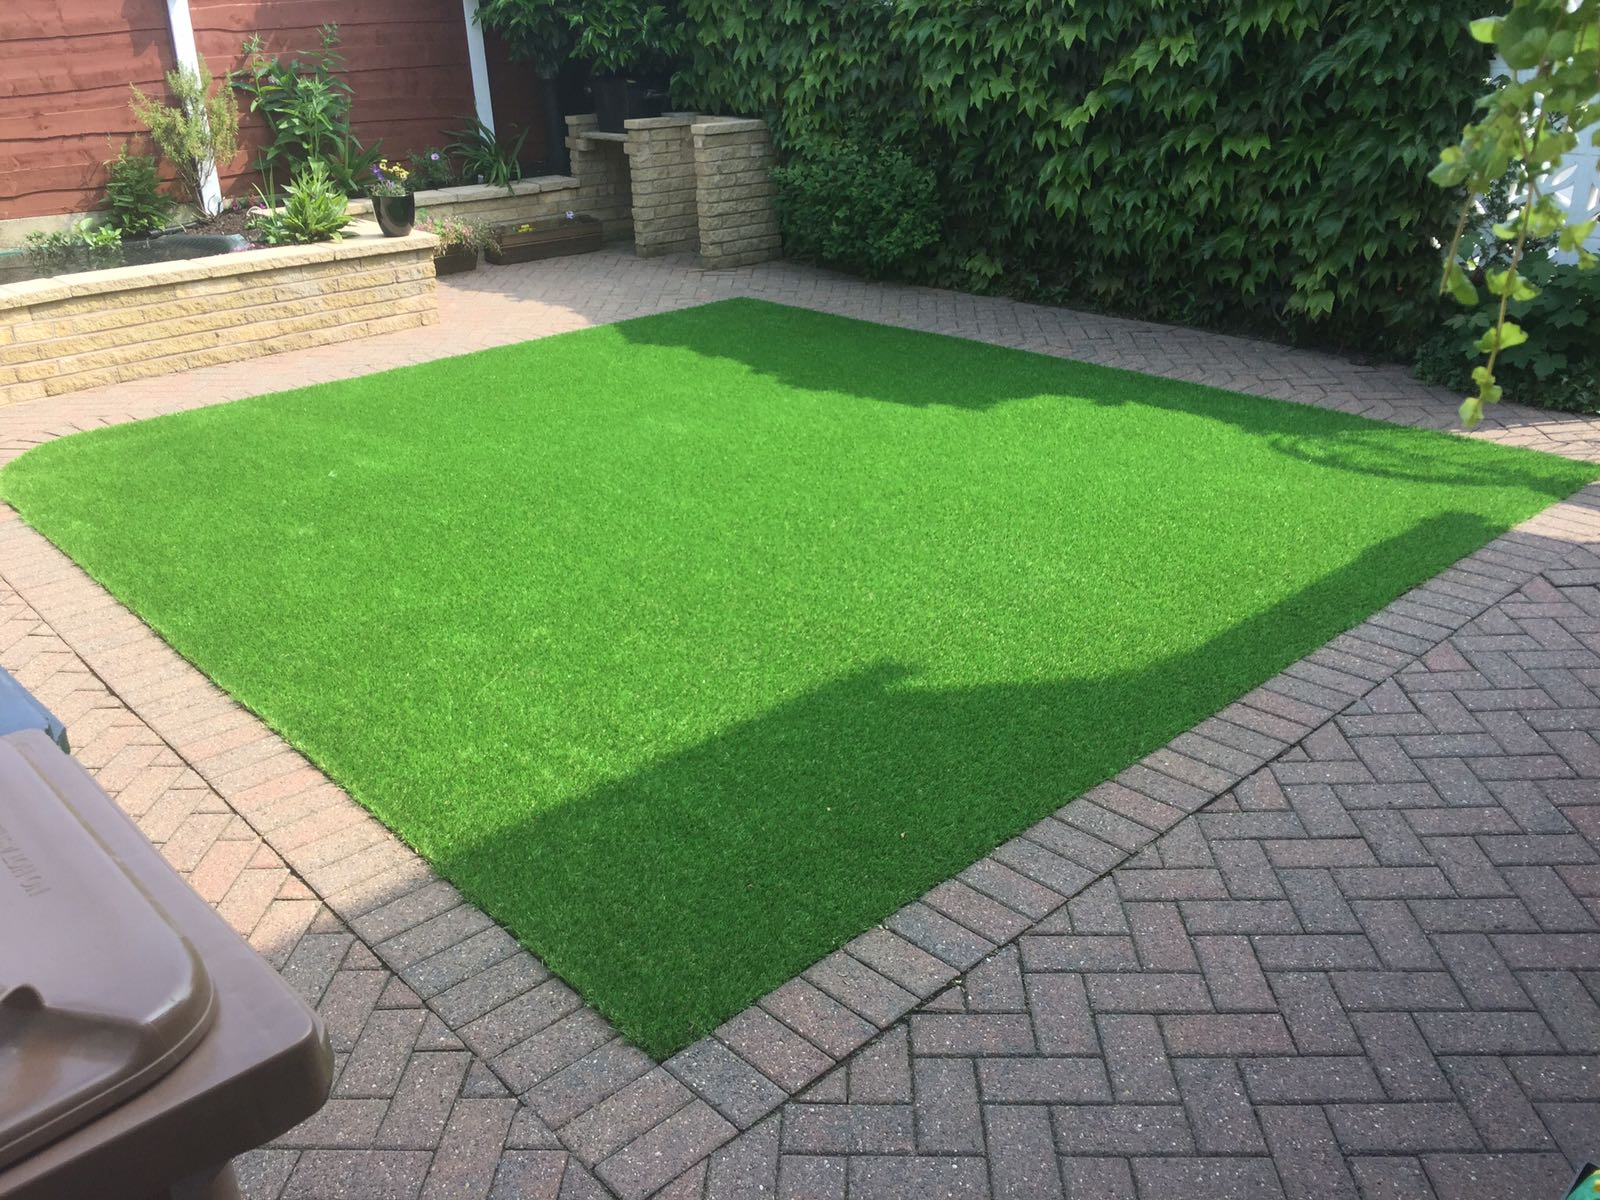 Lawn And Garden Near Me >> Artificial Grass Installer Near Me Nevermowuk